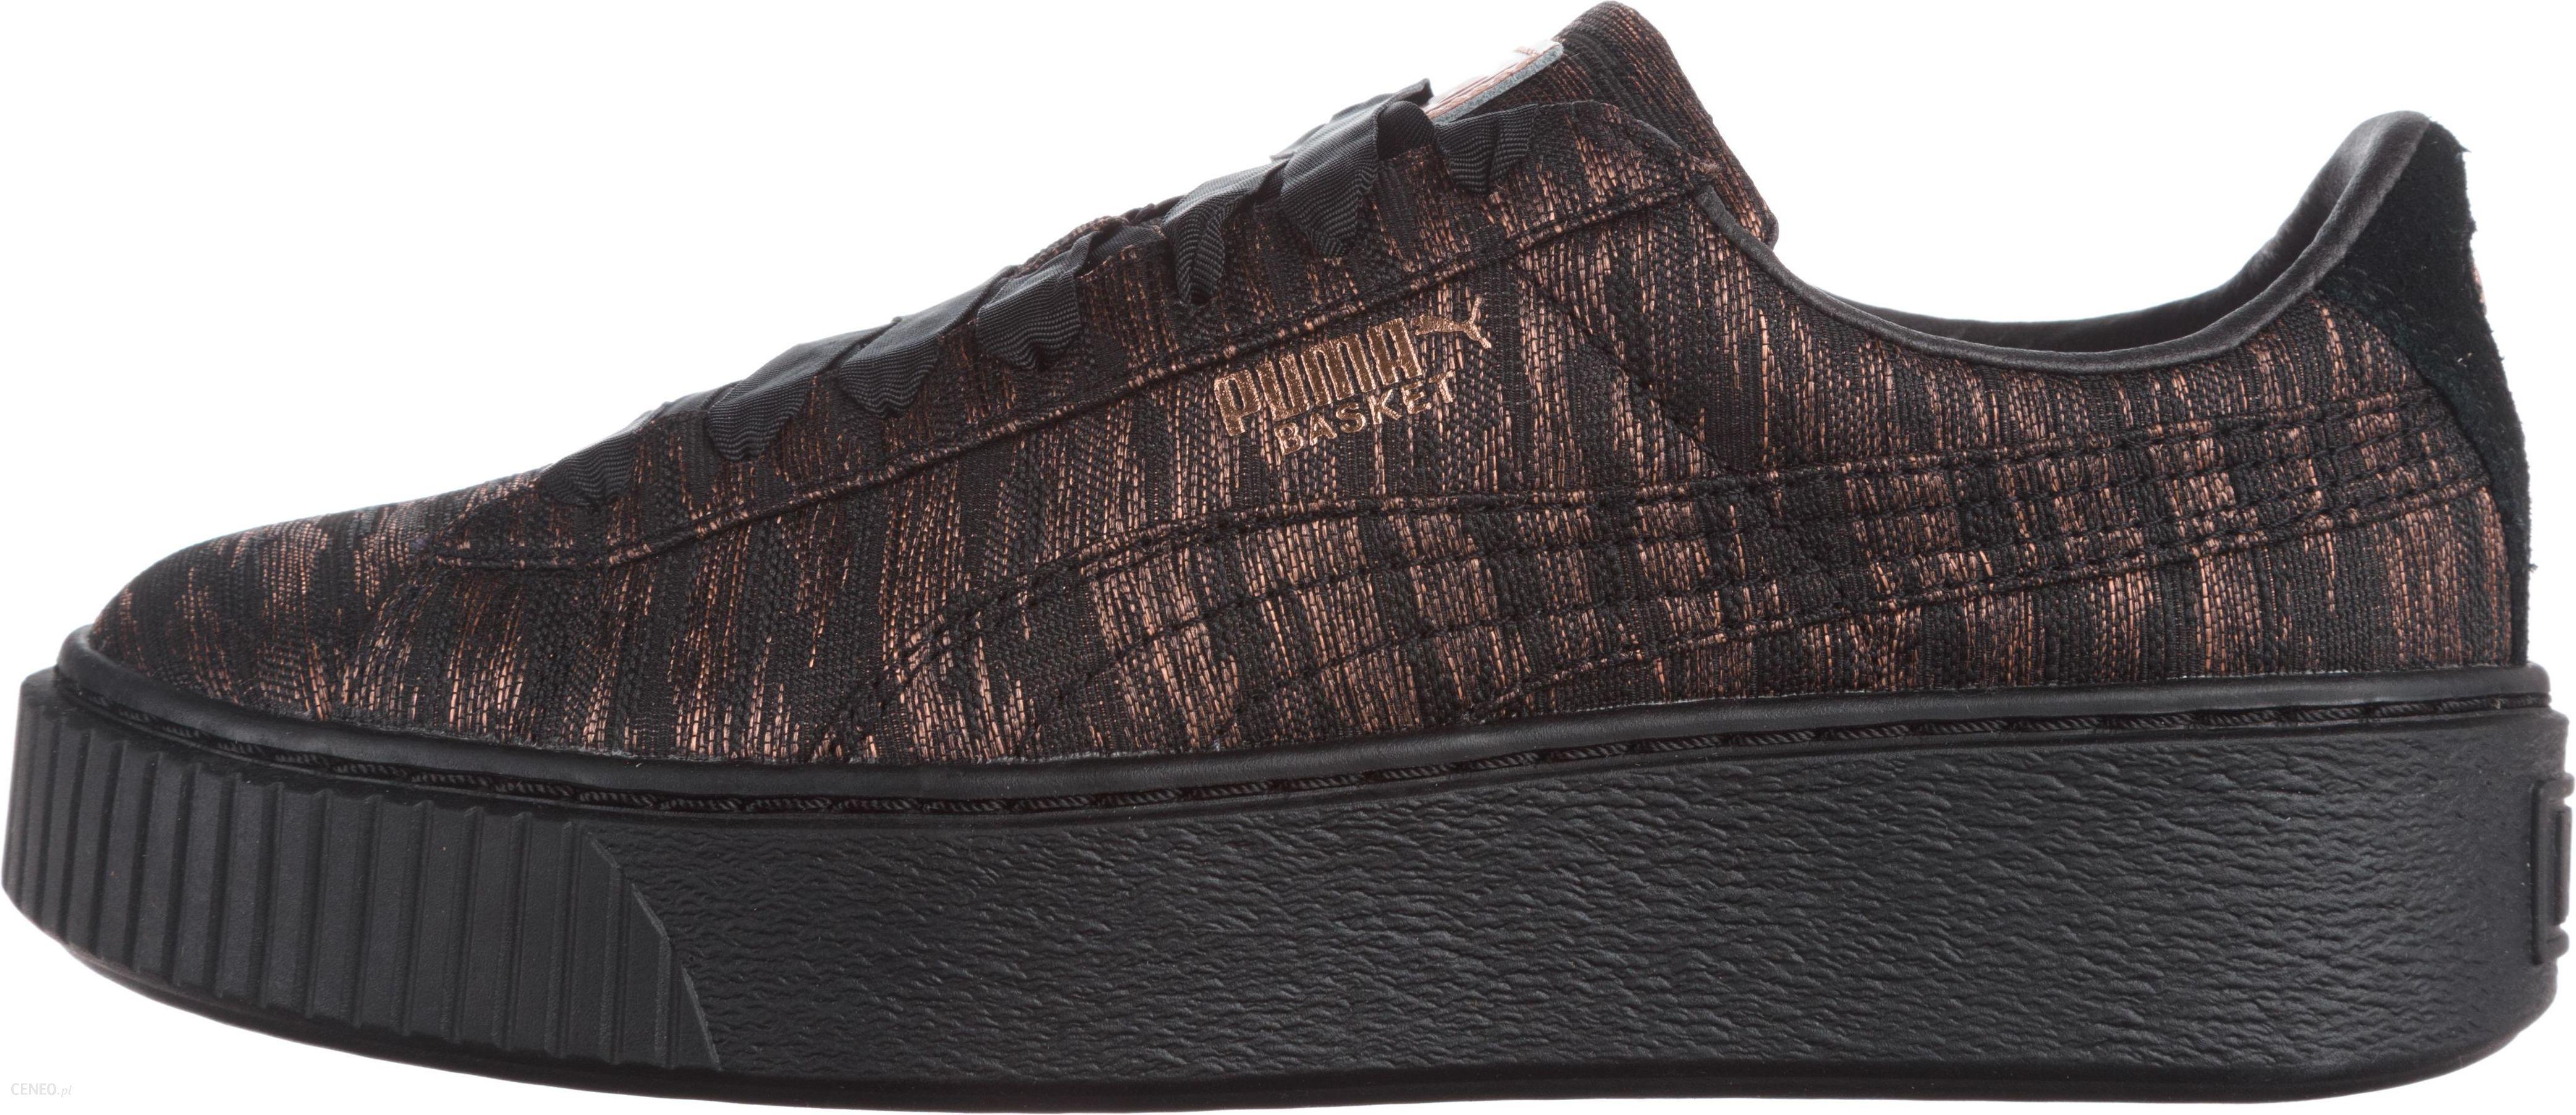 puma basket platform czarne